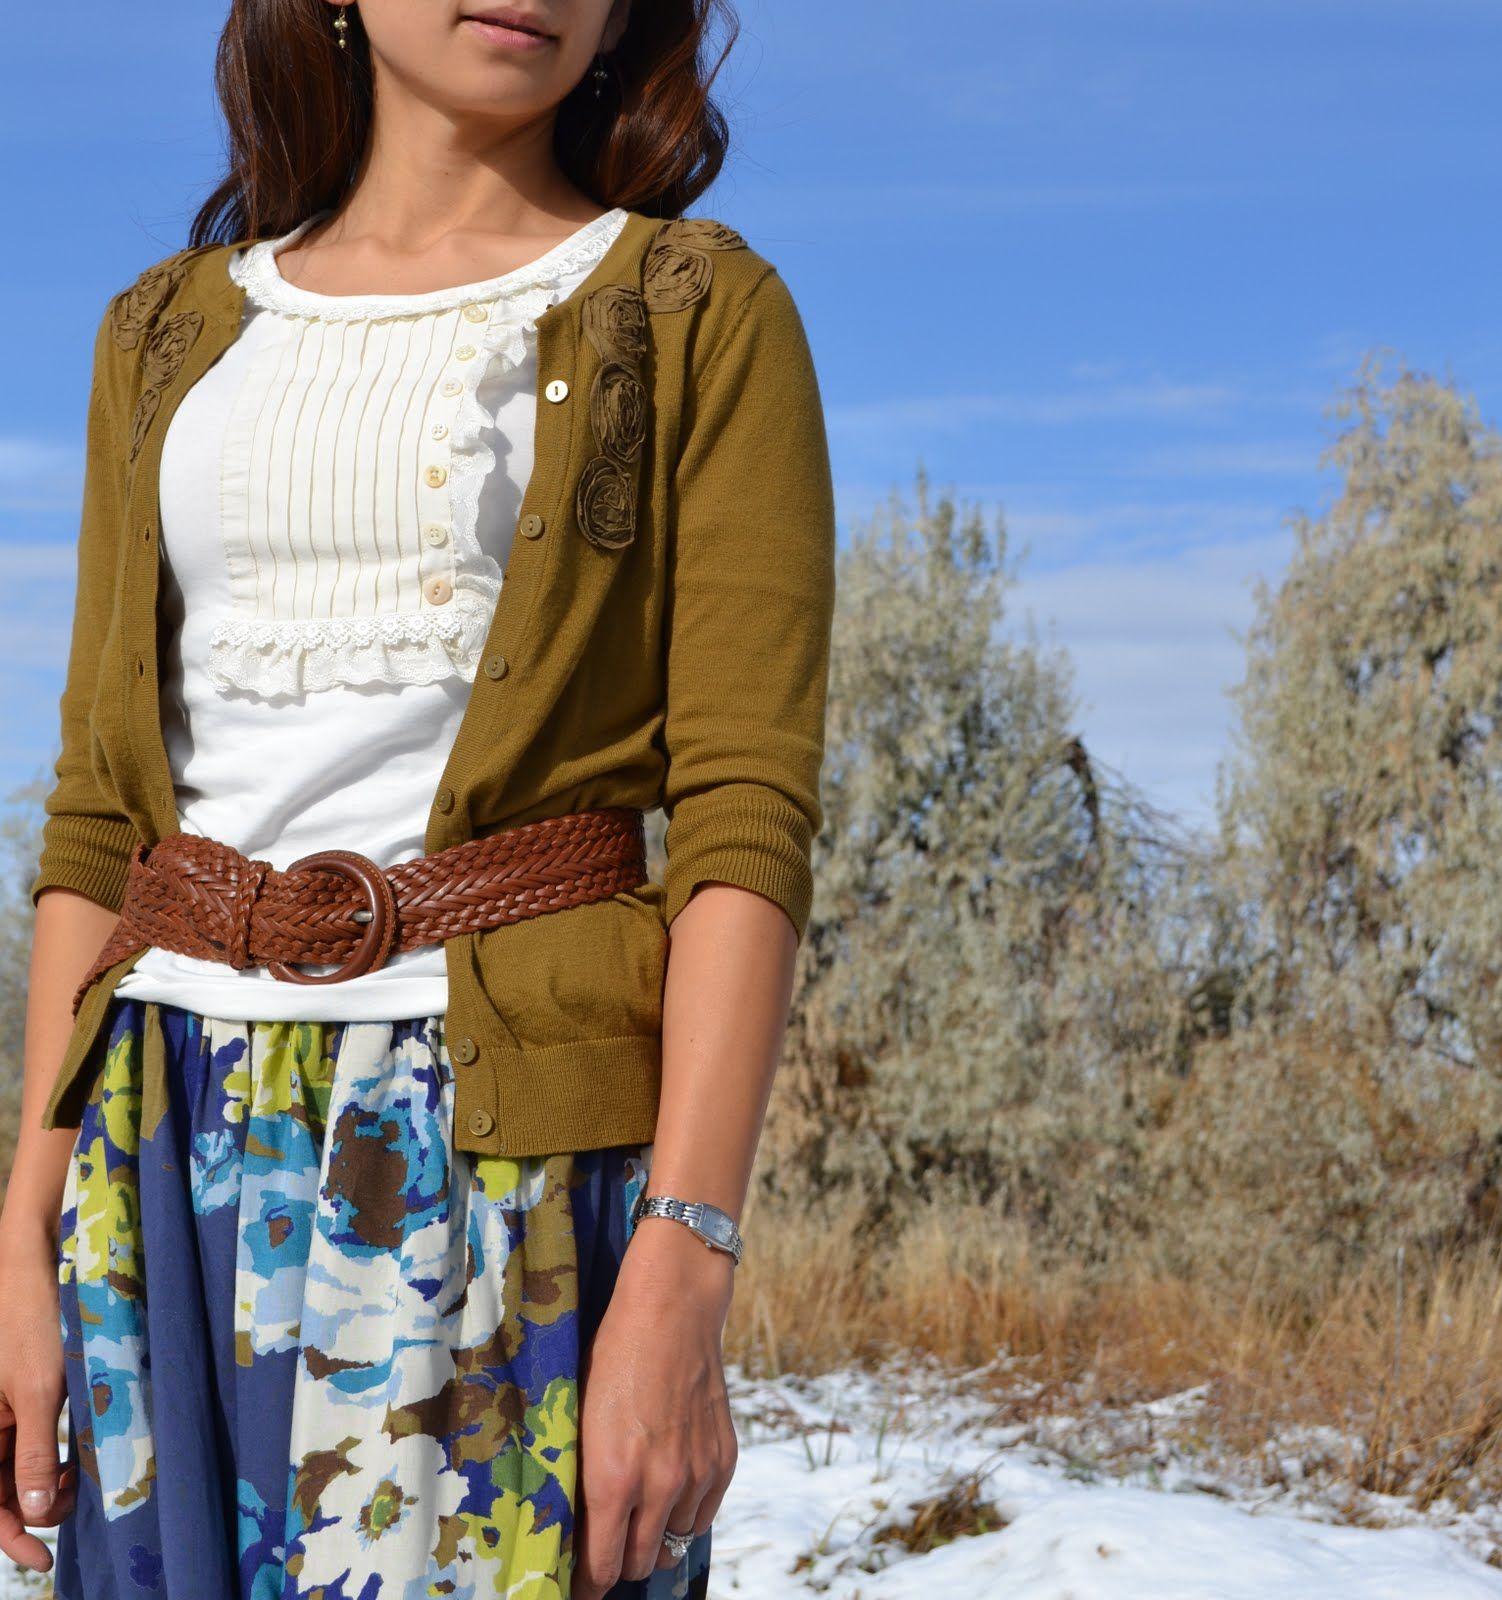 la bulsa y la camisa mira buena con el cinturon. Me gustaria llevar esta.